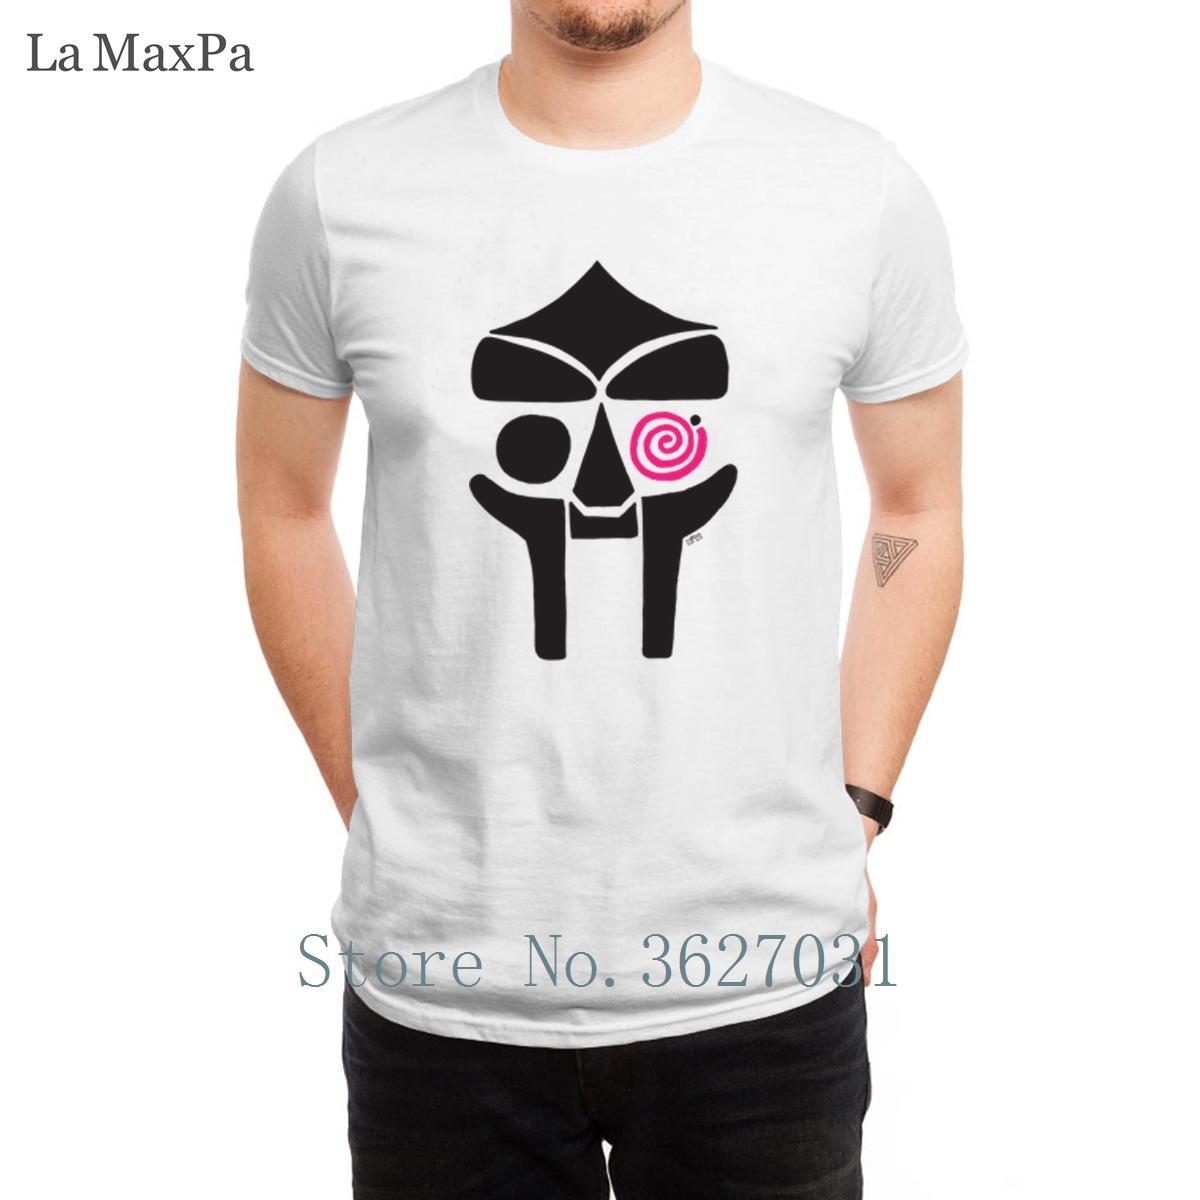 Настройка Письмо T Shirt Для мужчин Trippy Дум Family Summer Man Fashion 100% хлопок мужчин Tee Shirt Pop Top Tee